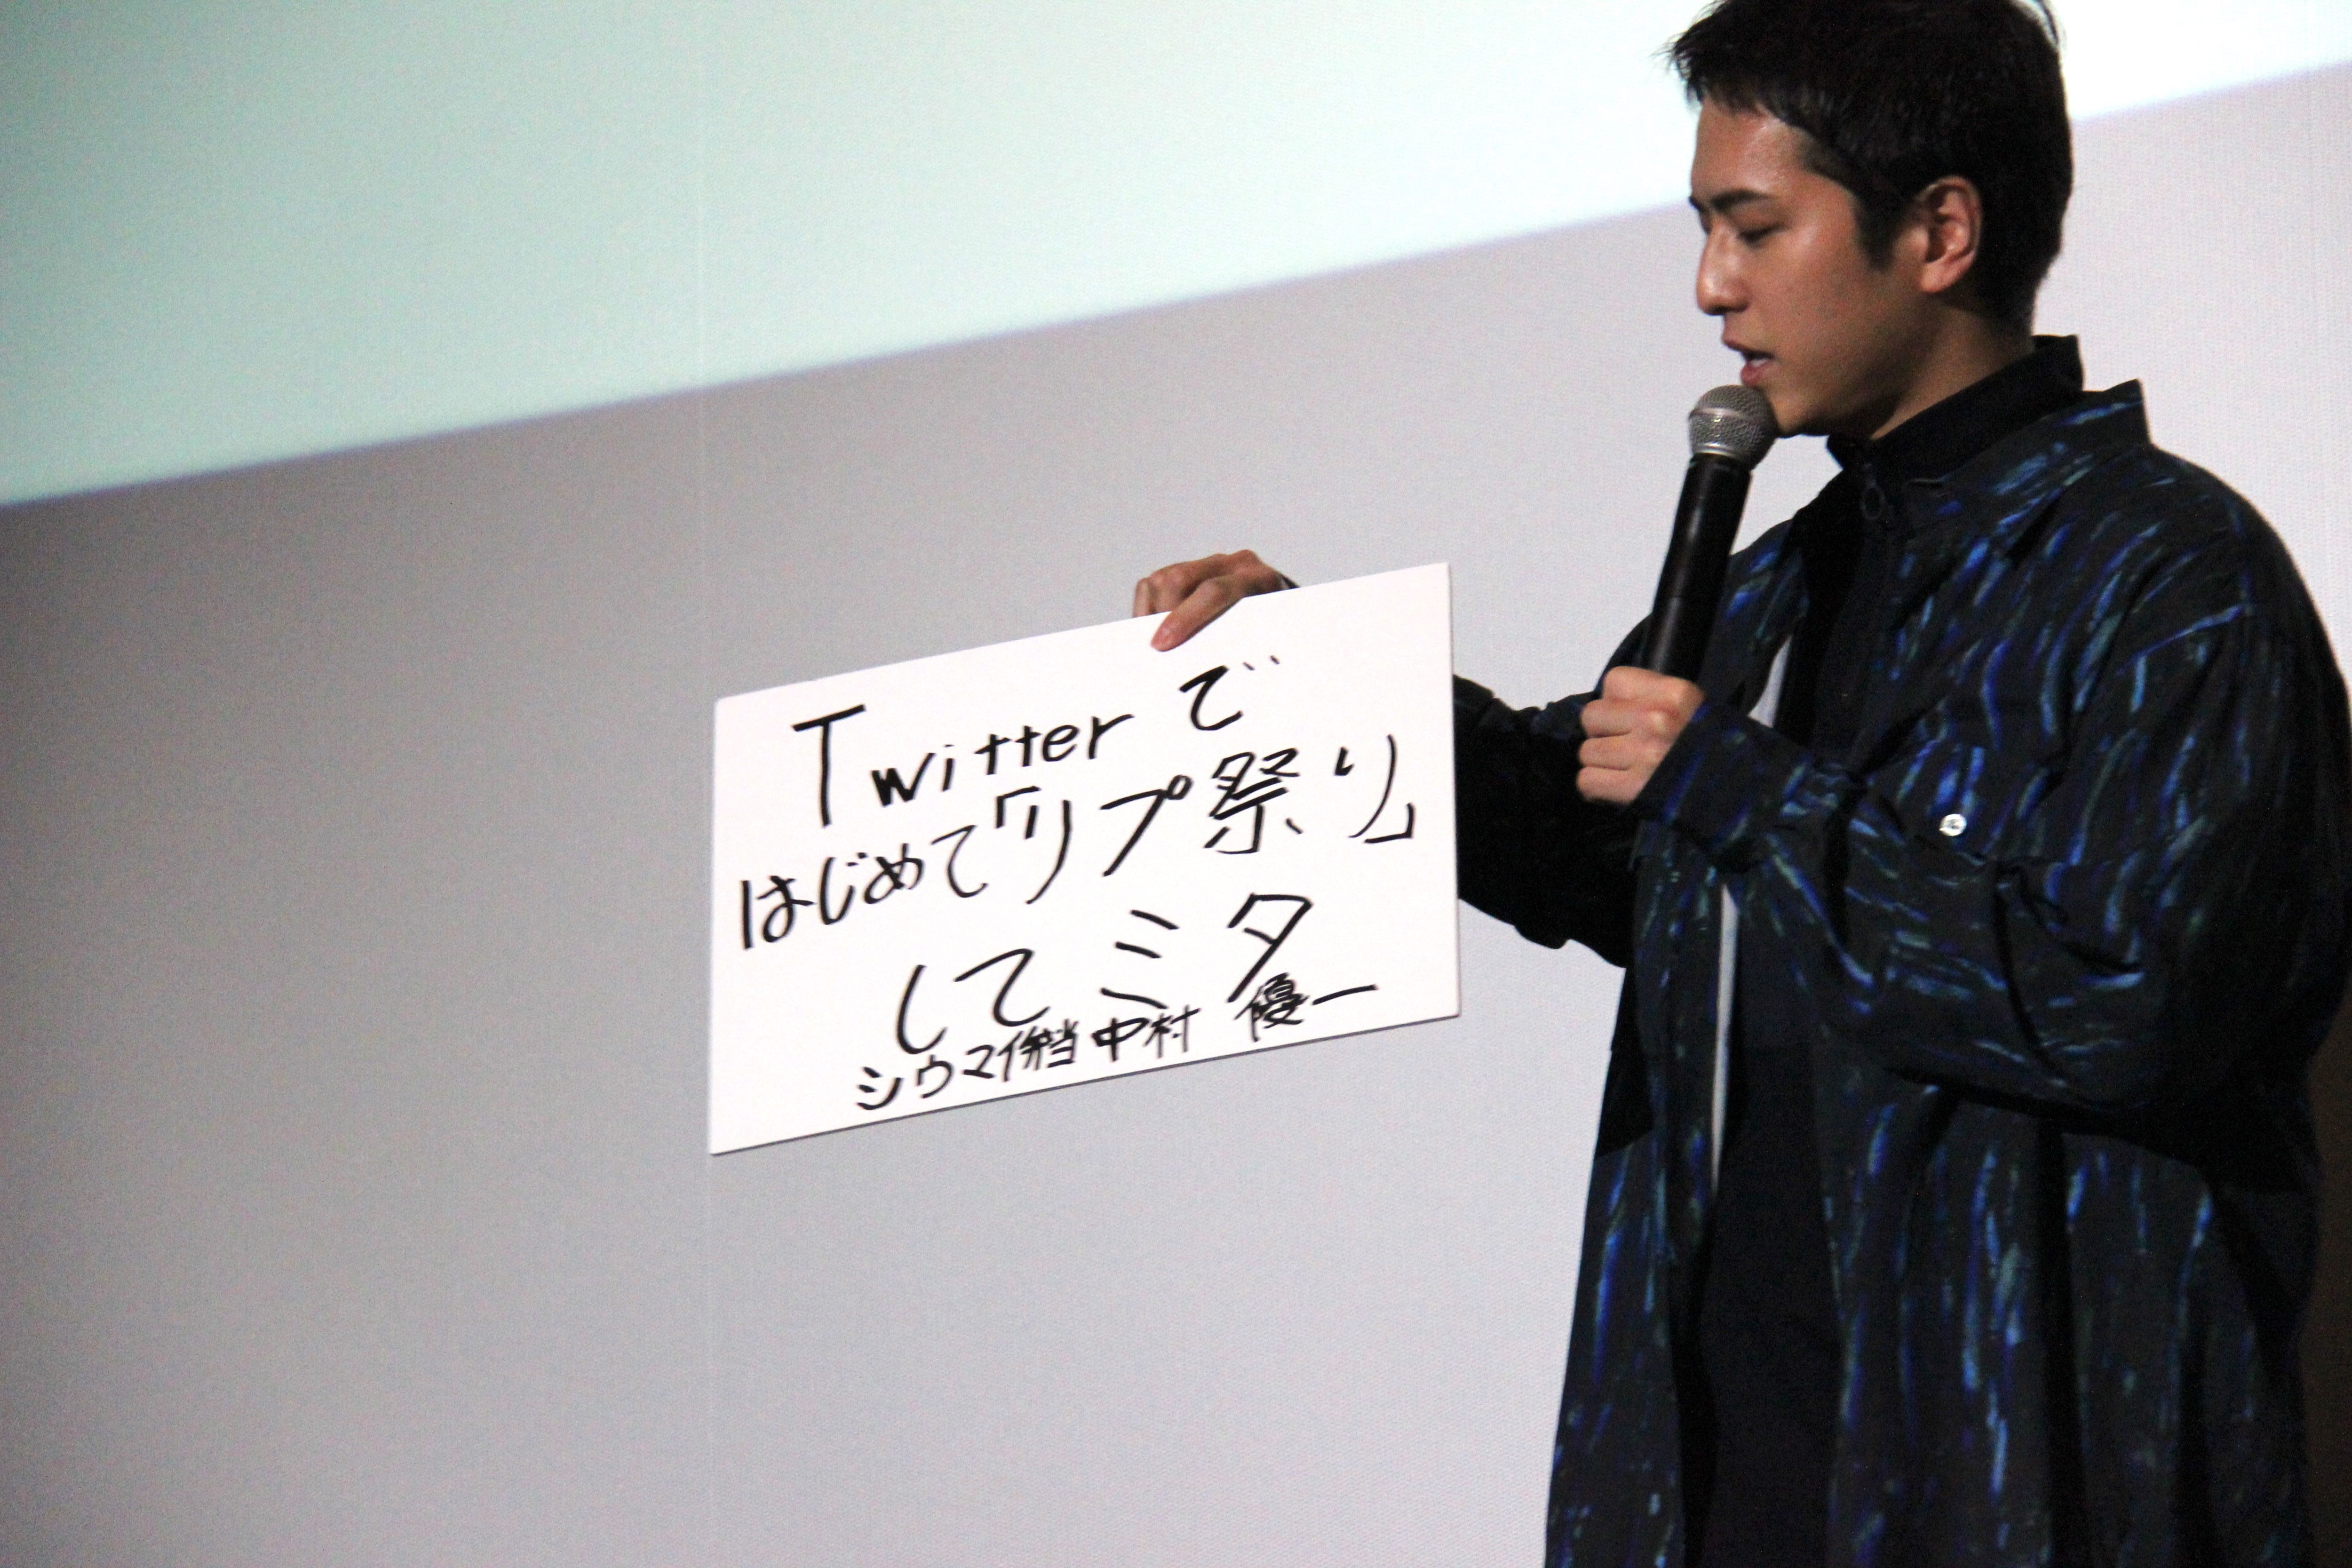 岡山天音「1人飲みして笑ってる」映画『踊ってミタ』舞台挨拶に出演の画像005